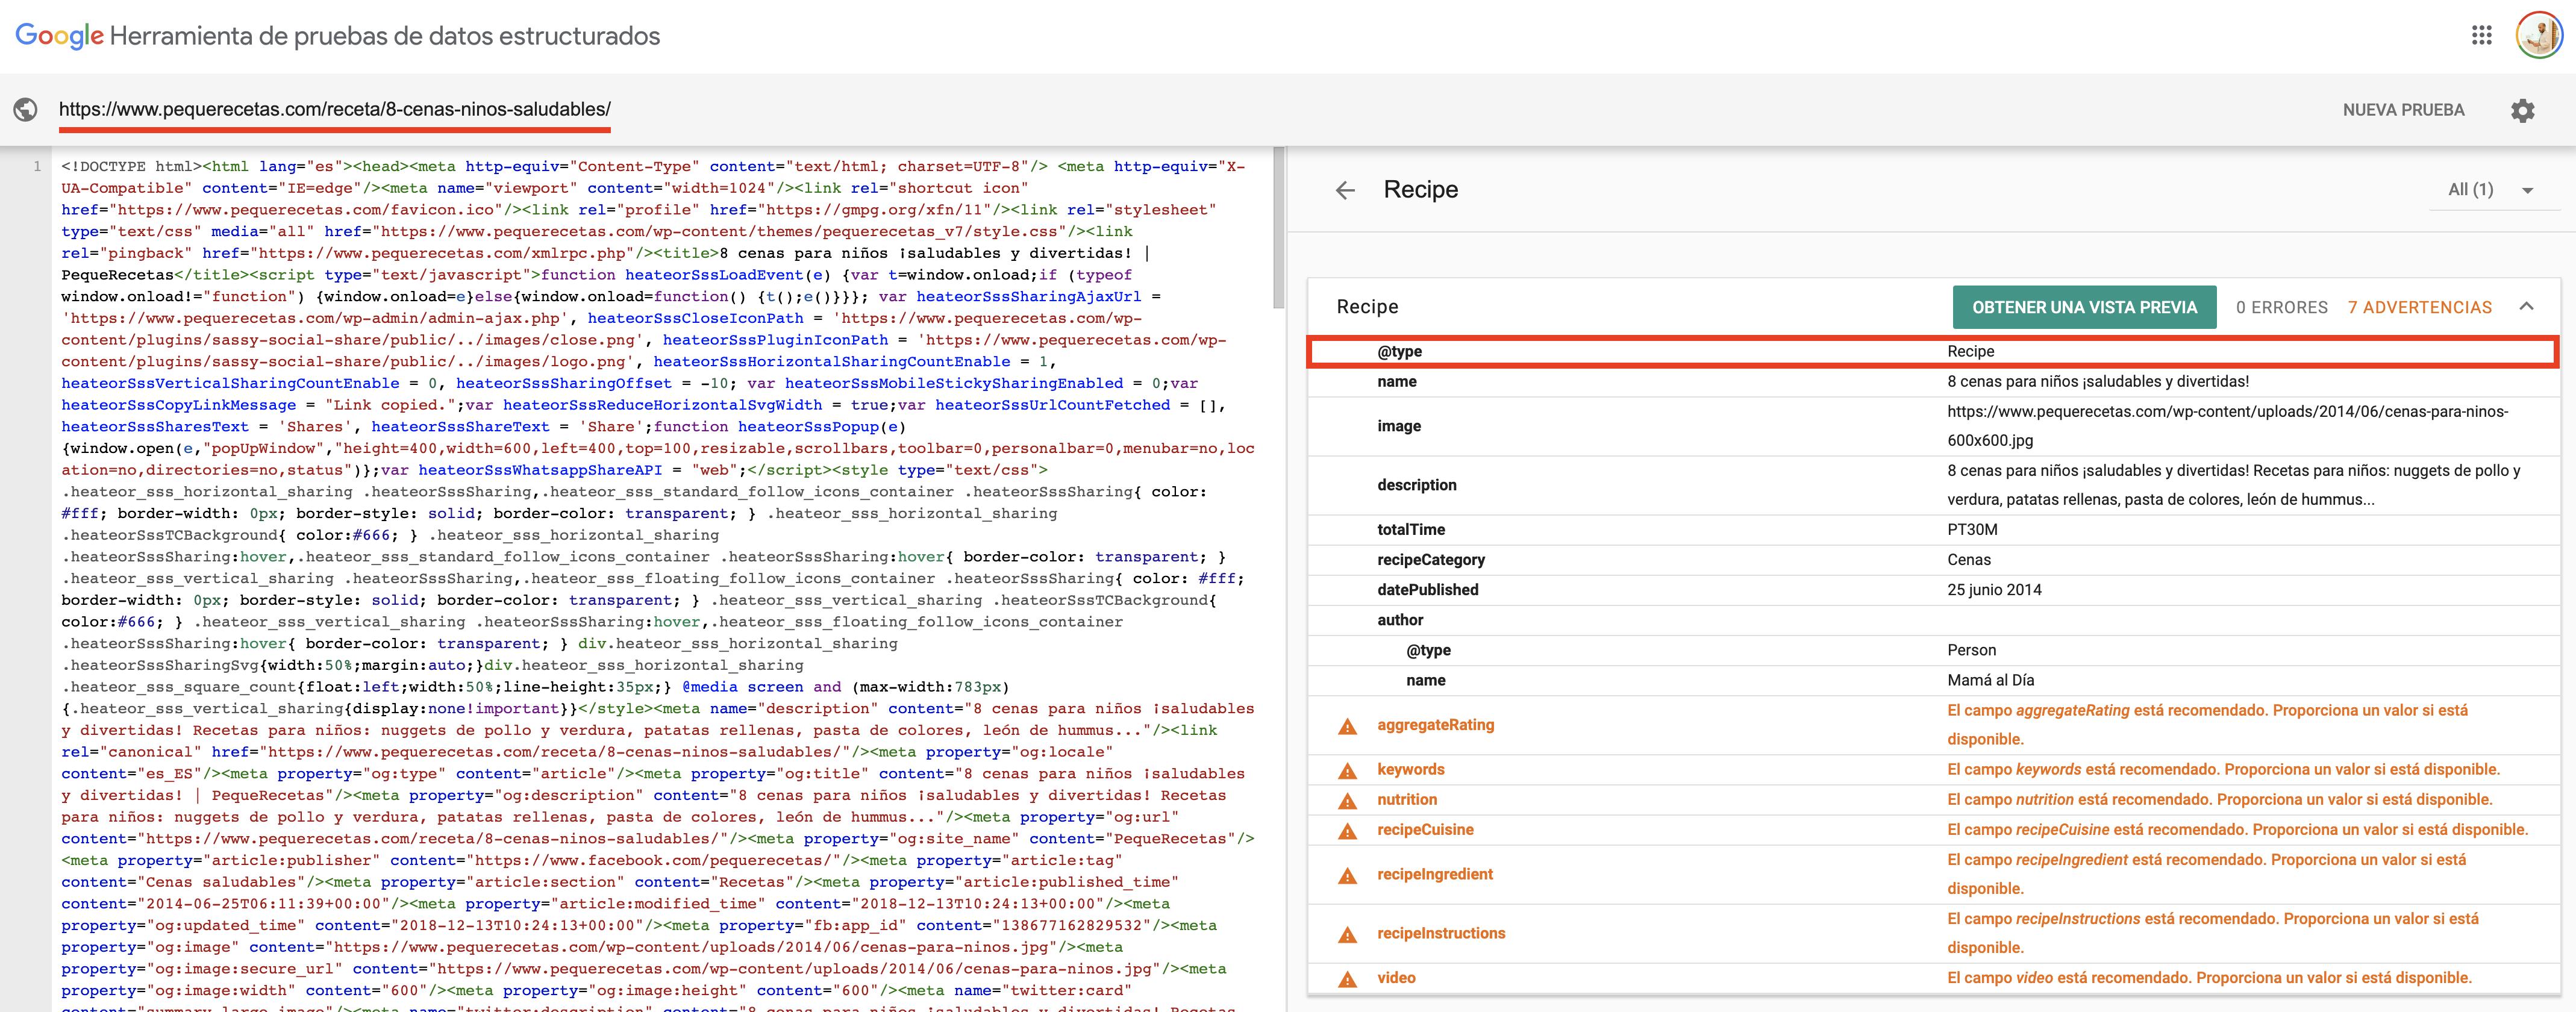 Herramienta de datos estructurados de Google